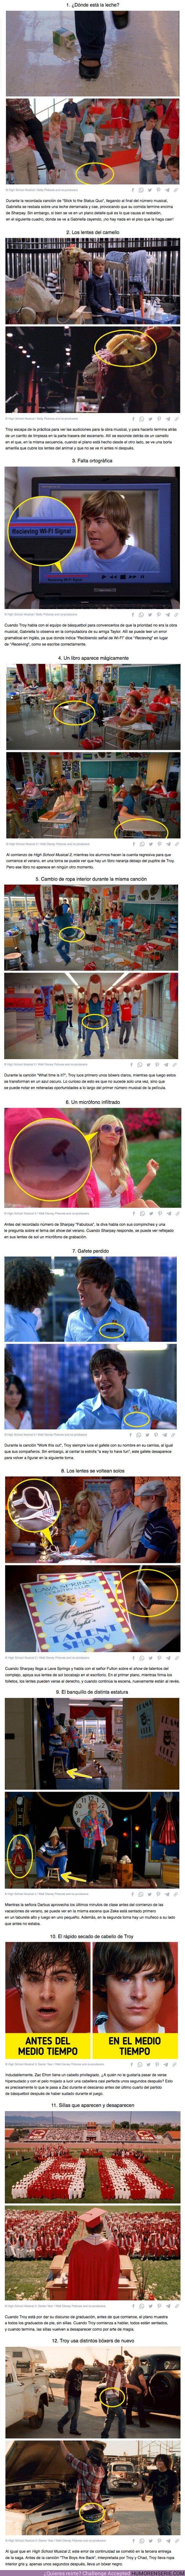 74190 - GALERÍA: 12 Errores en las películas de High School Musical que demuestran que a Disney se le fue de las manos